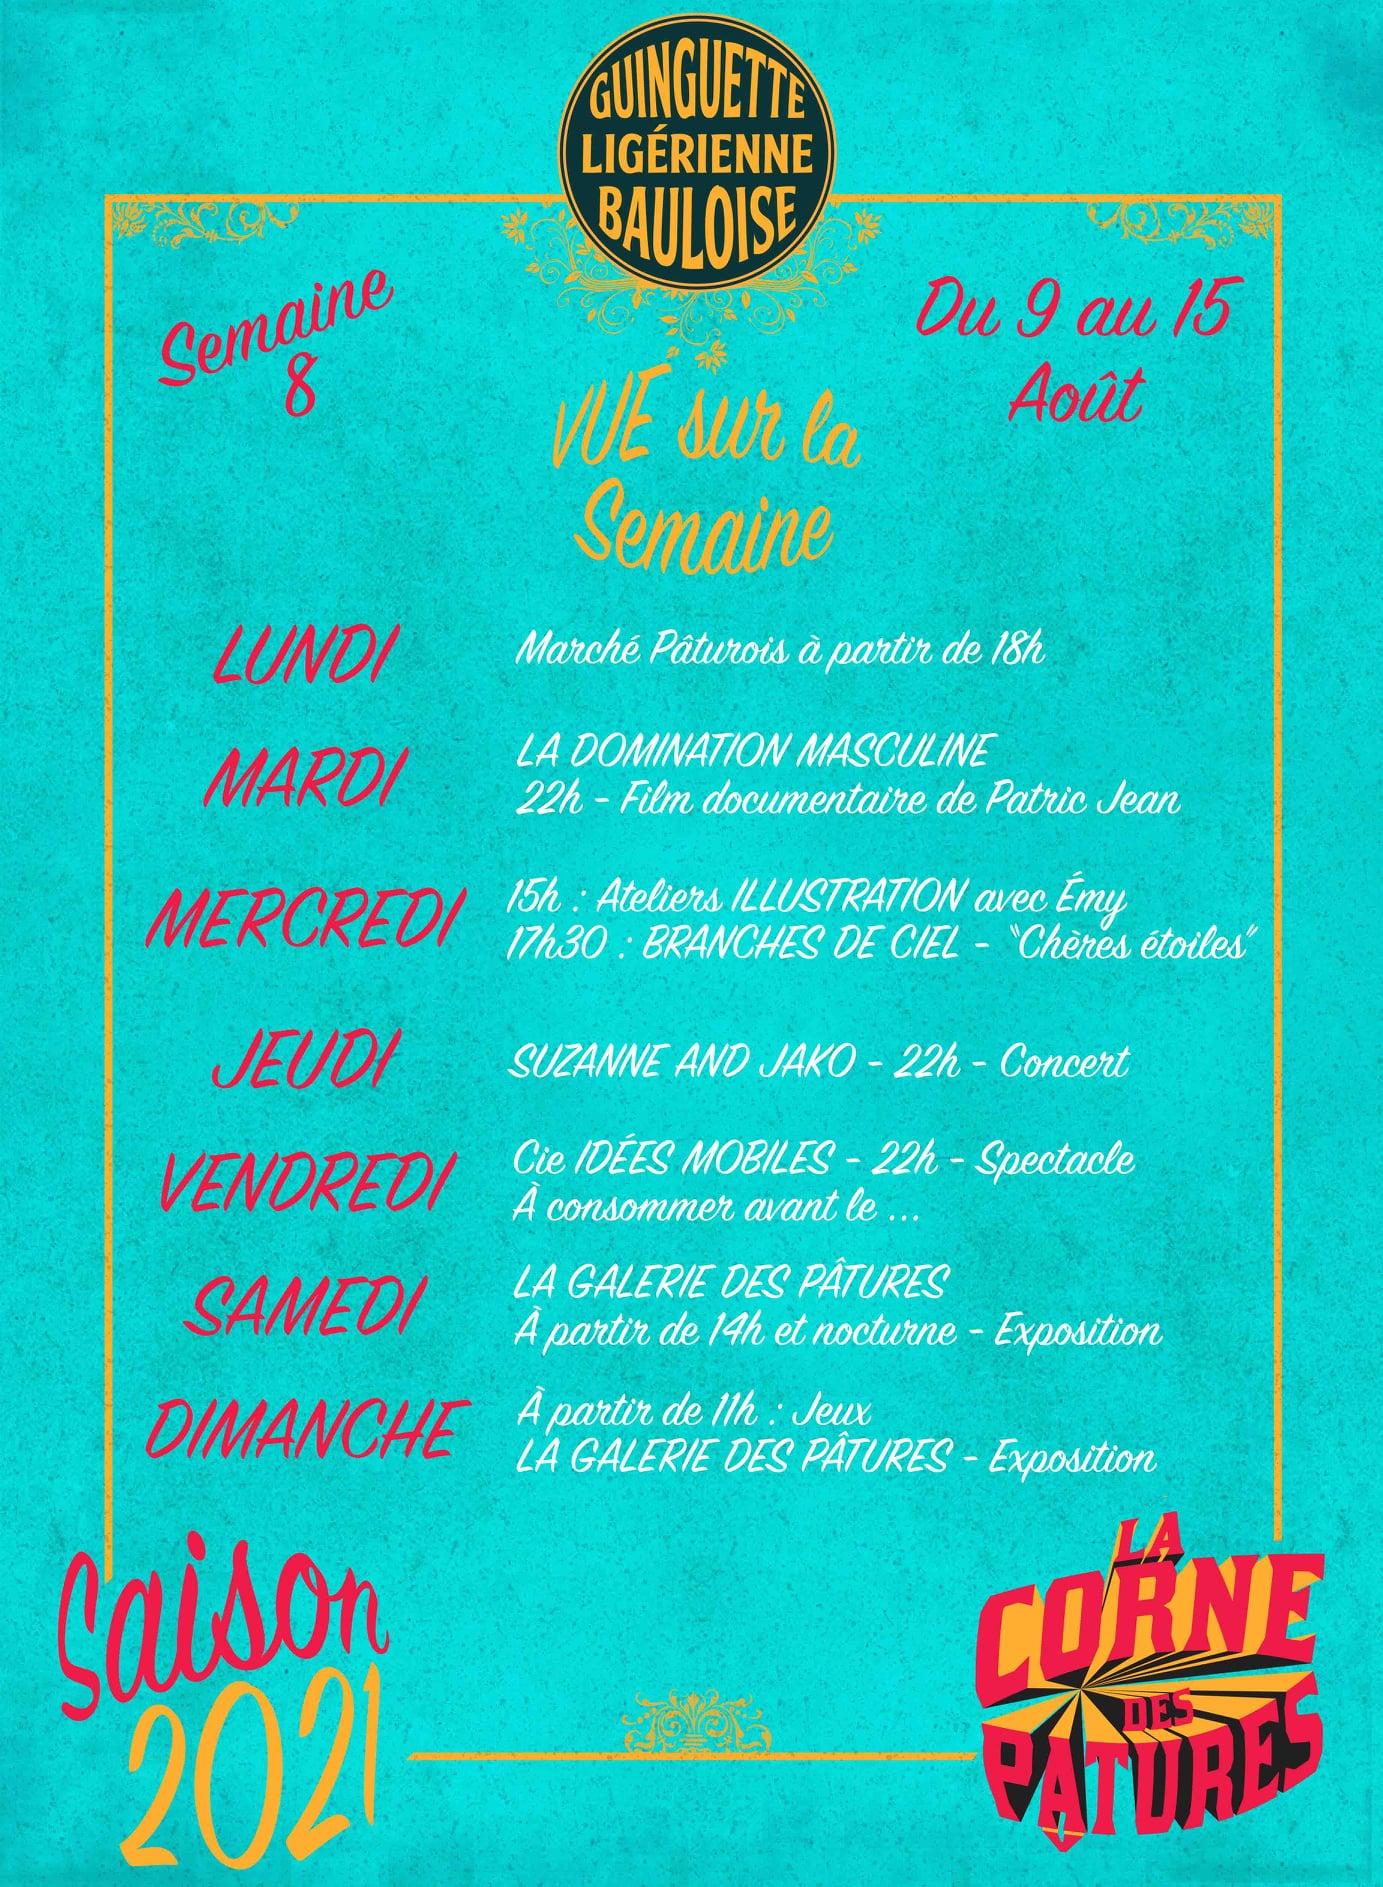 Programme 14 08